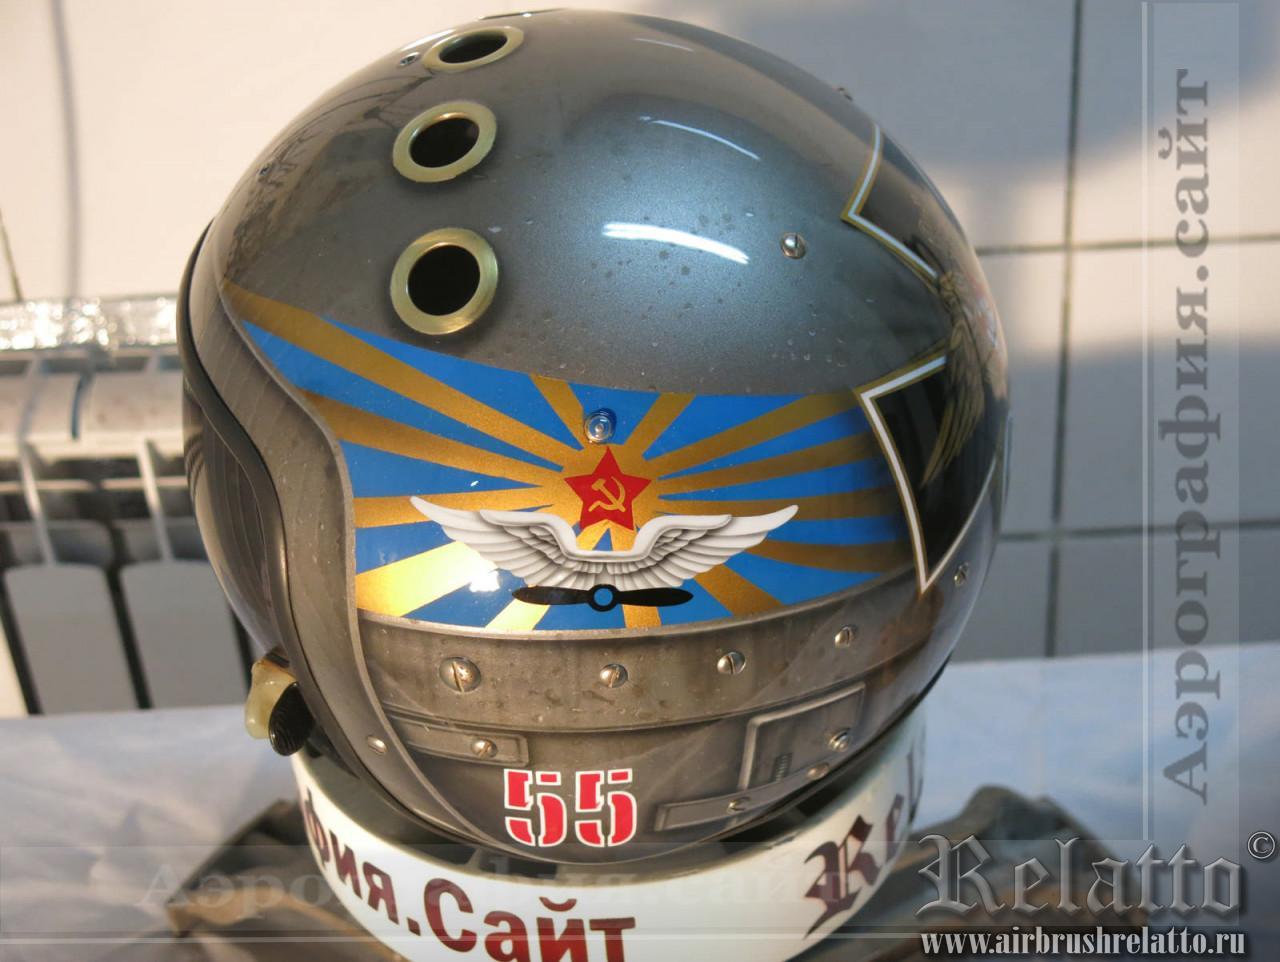 летный шлем с аэрографией в подарок в Краснодаре